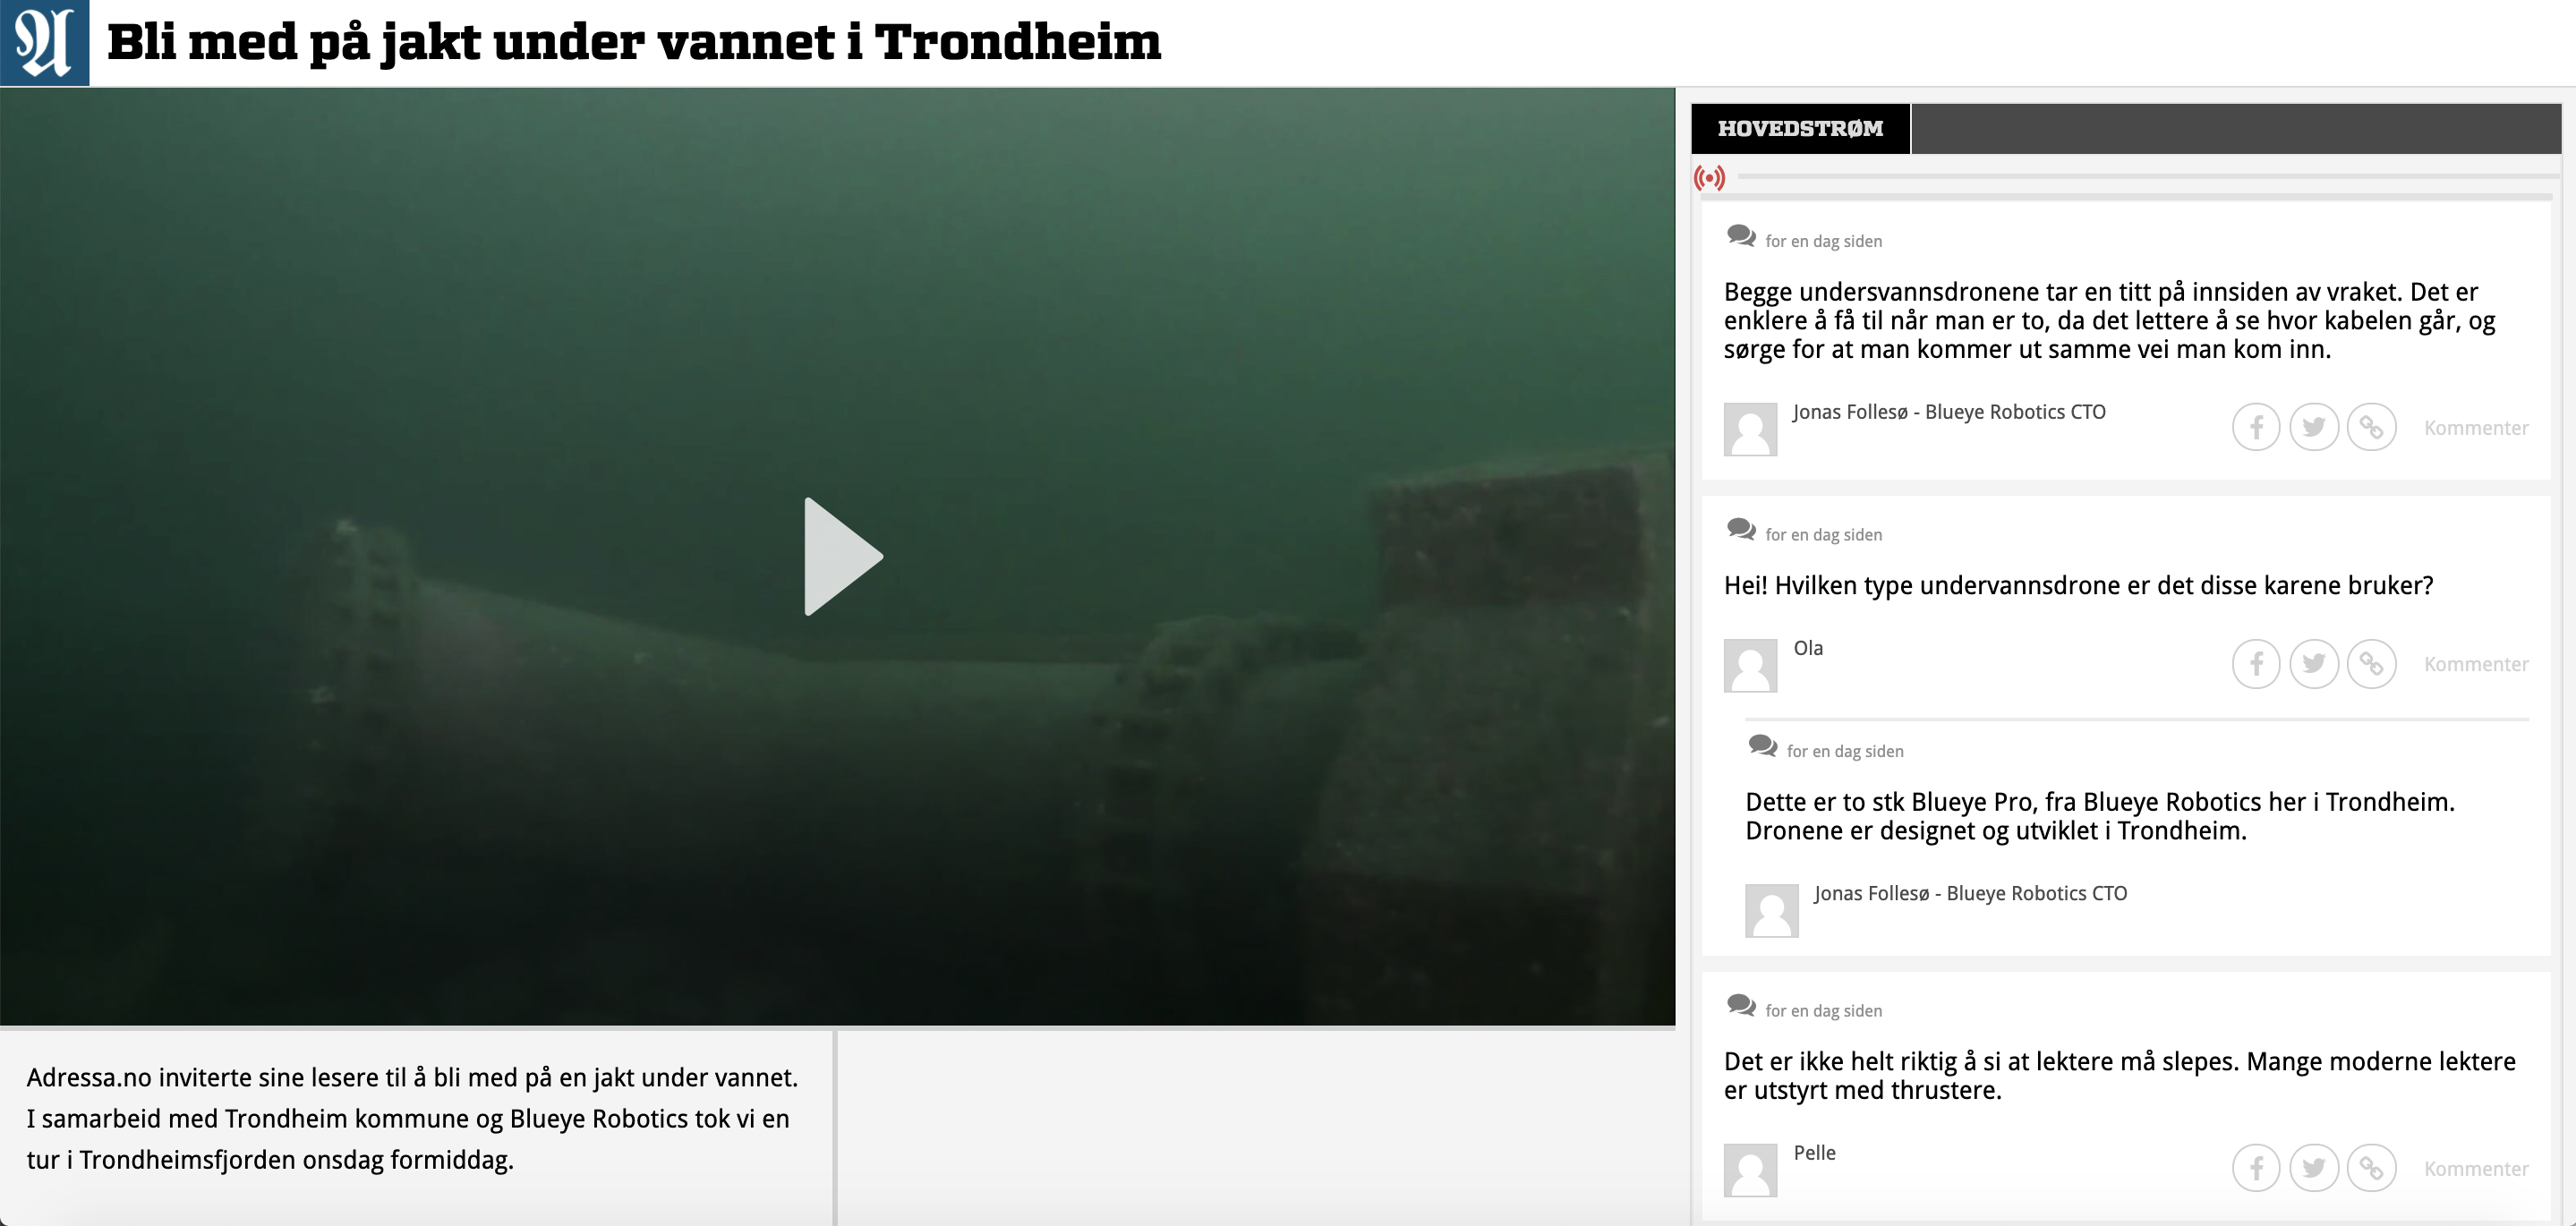 Skjermbilde fra Adresseavisen som viser live videostrøm fra Blueye